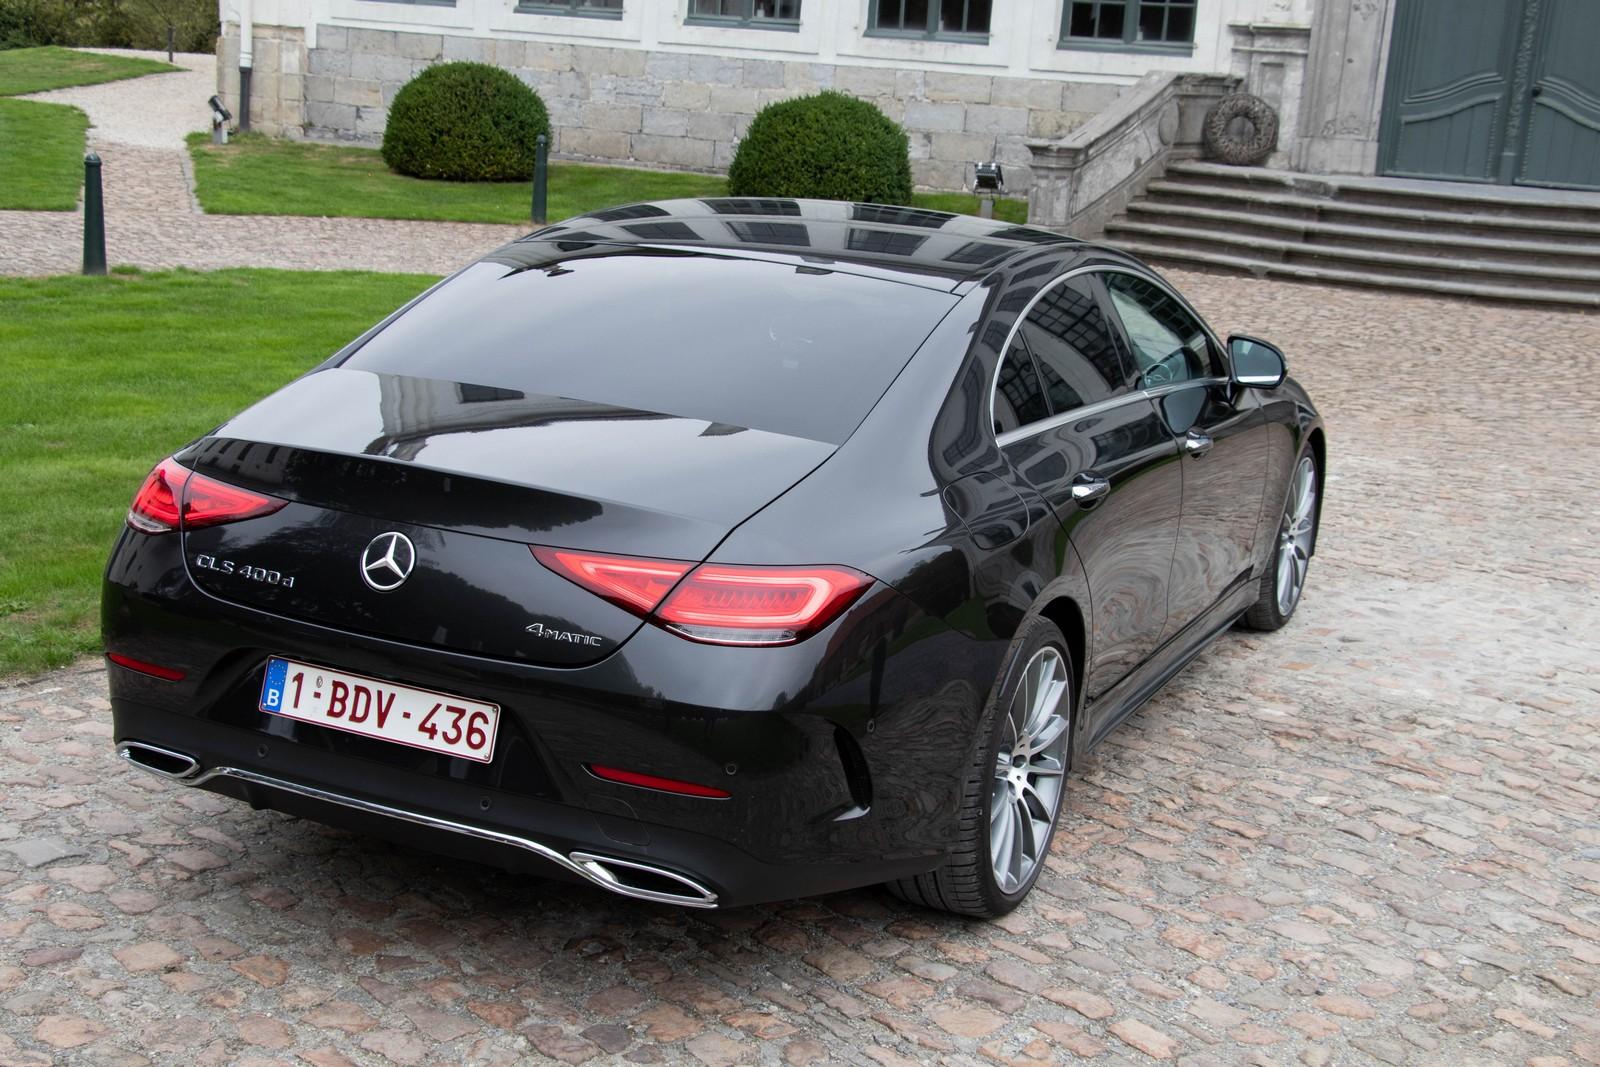 Mercedes-Benz CLS 400d Rear